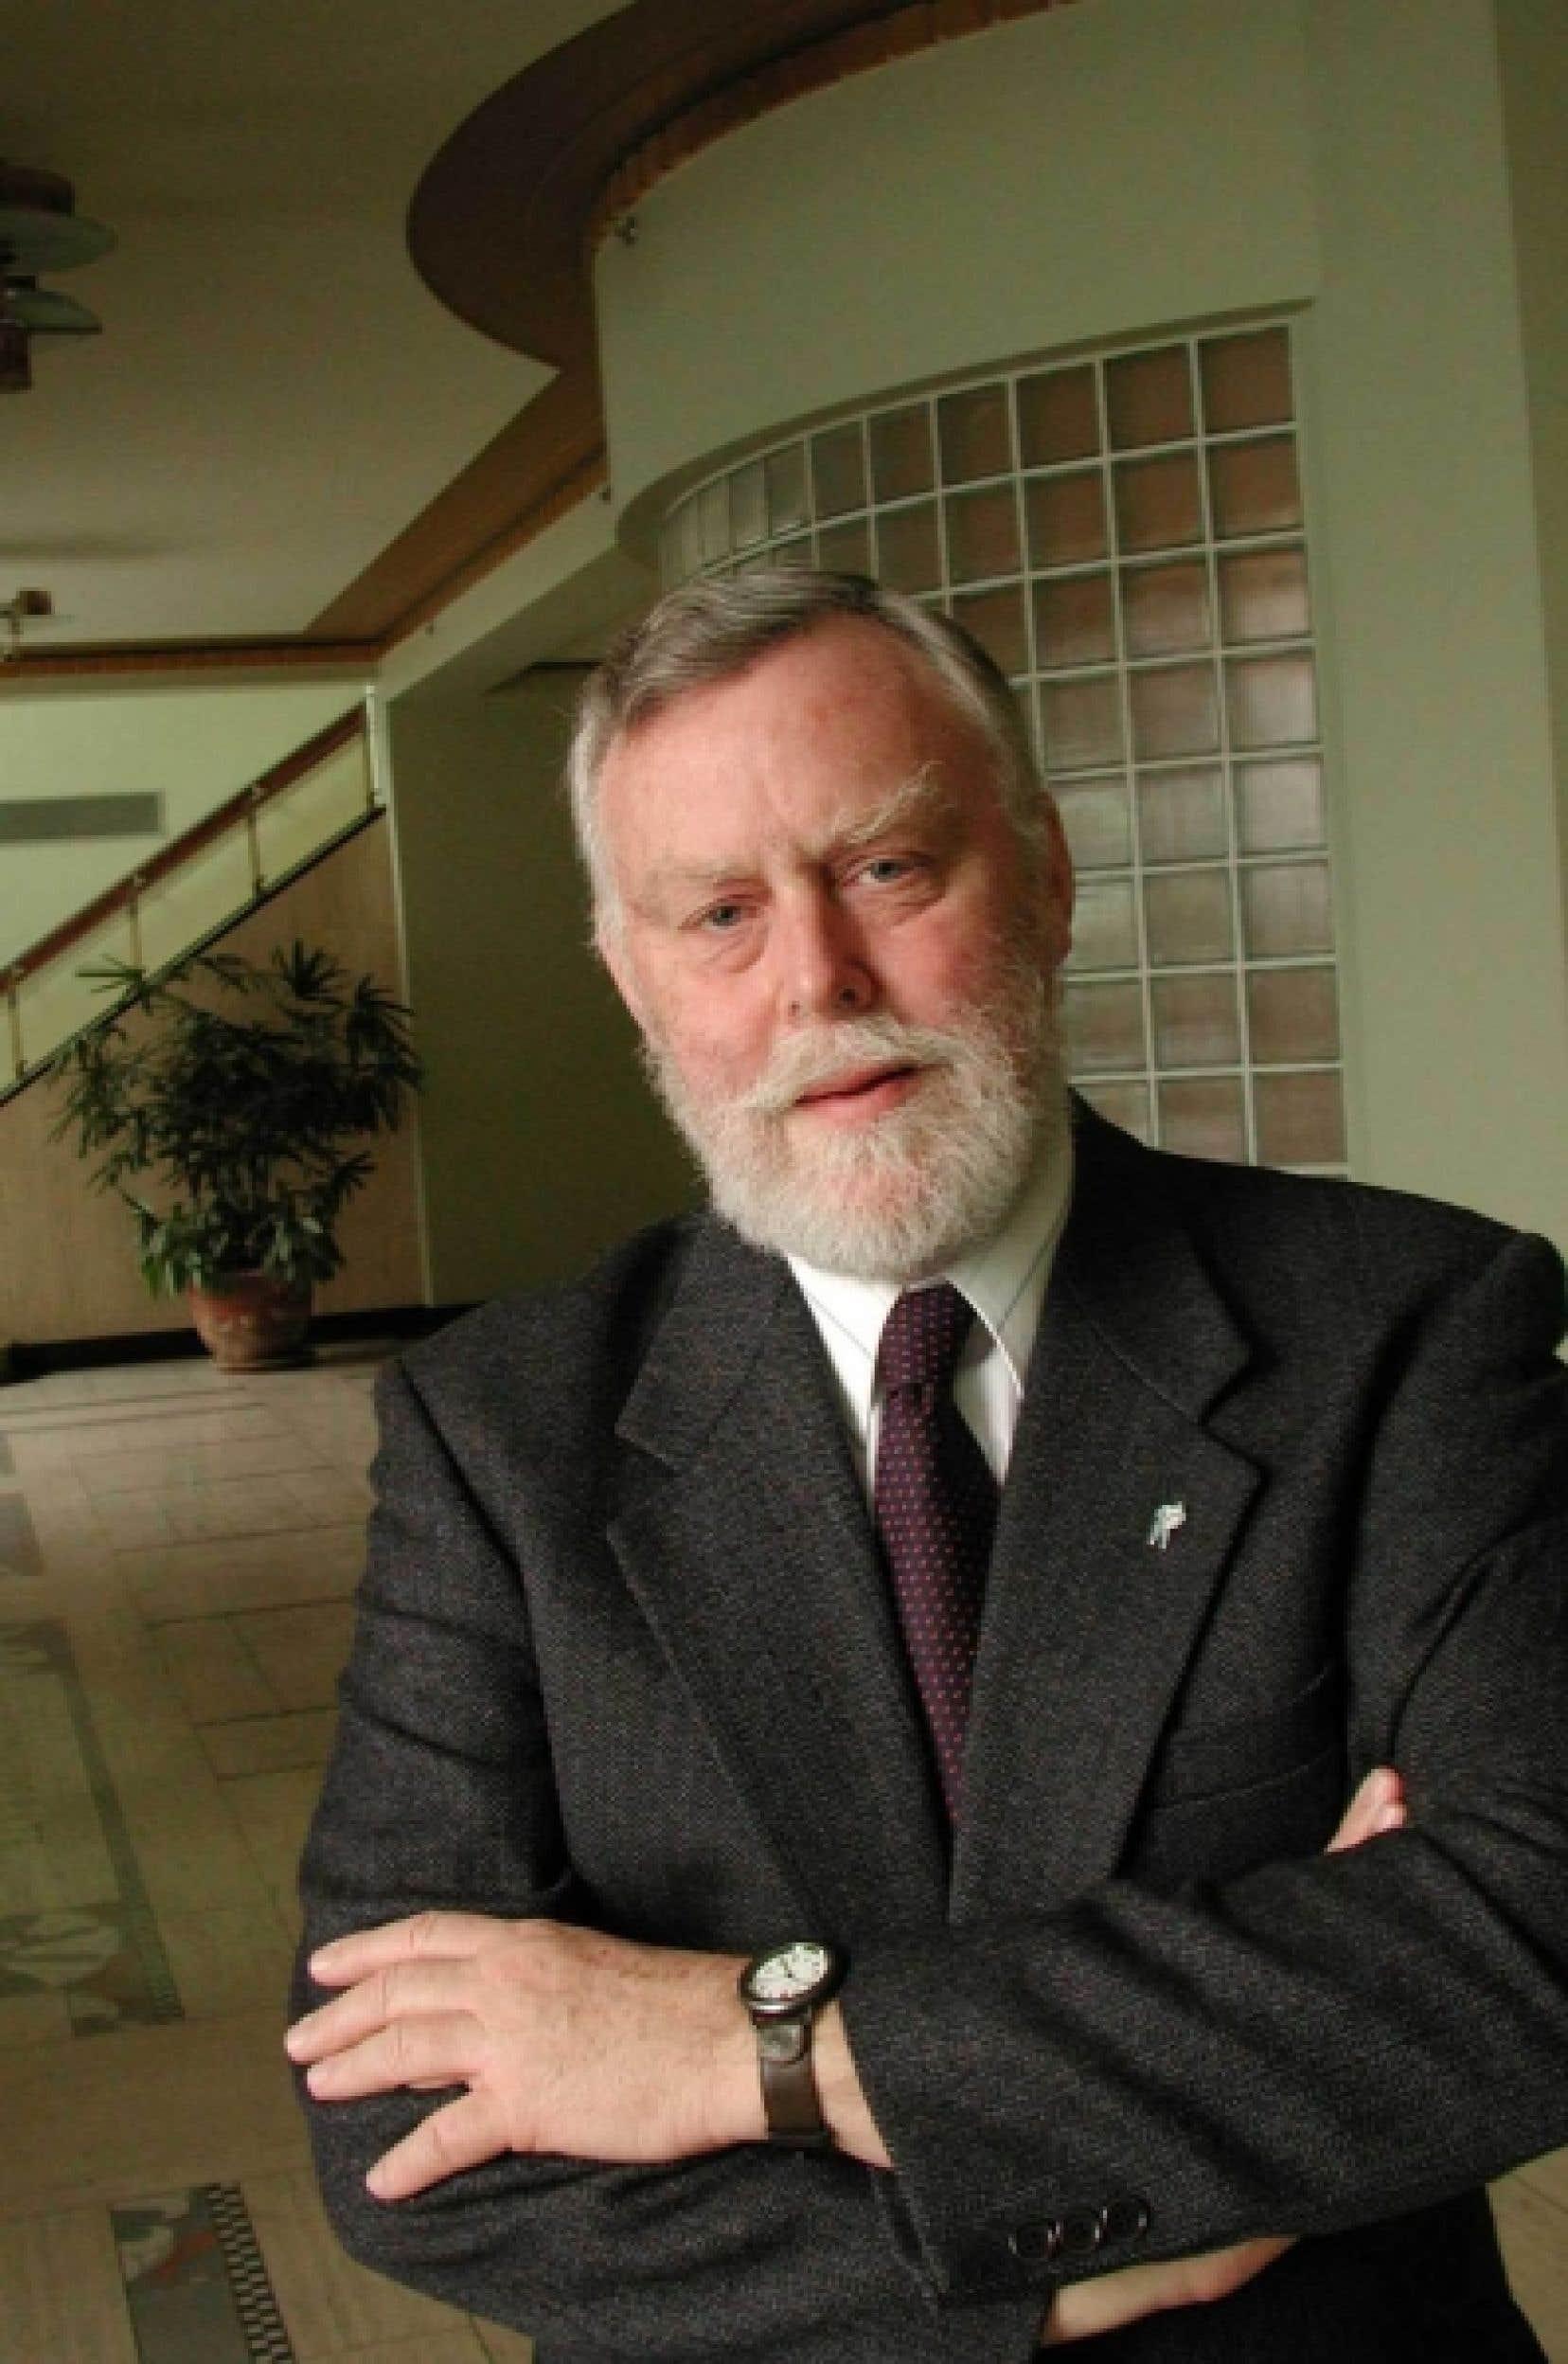 André Bouchard a développé le concept de gestion écosystémique, qui a constitué la recommandation centrale de la commission Coulombe.